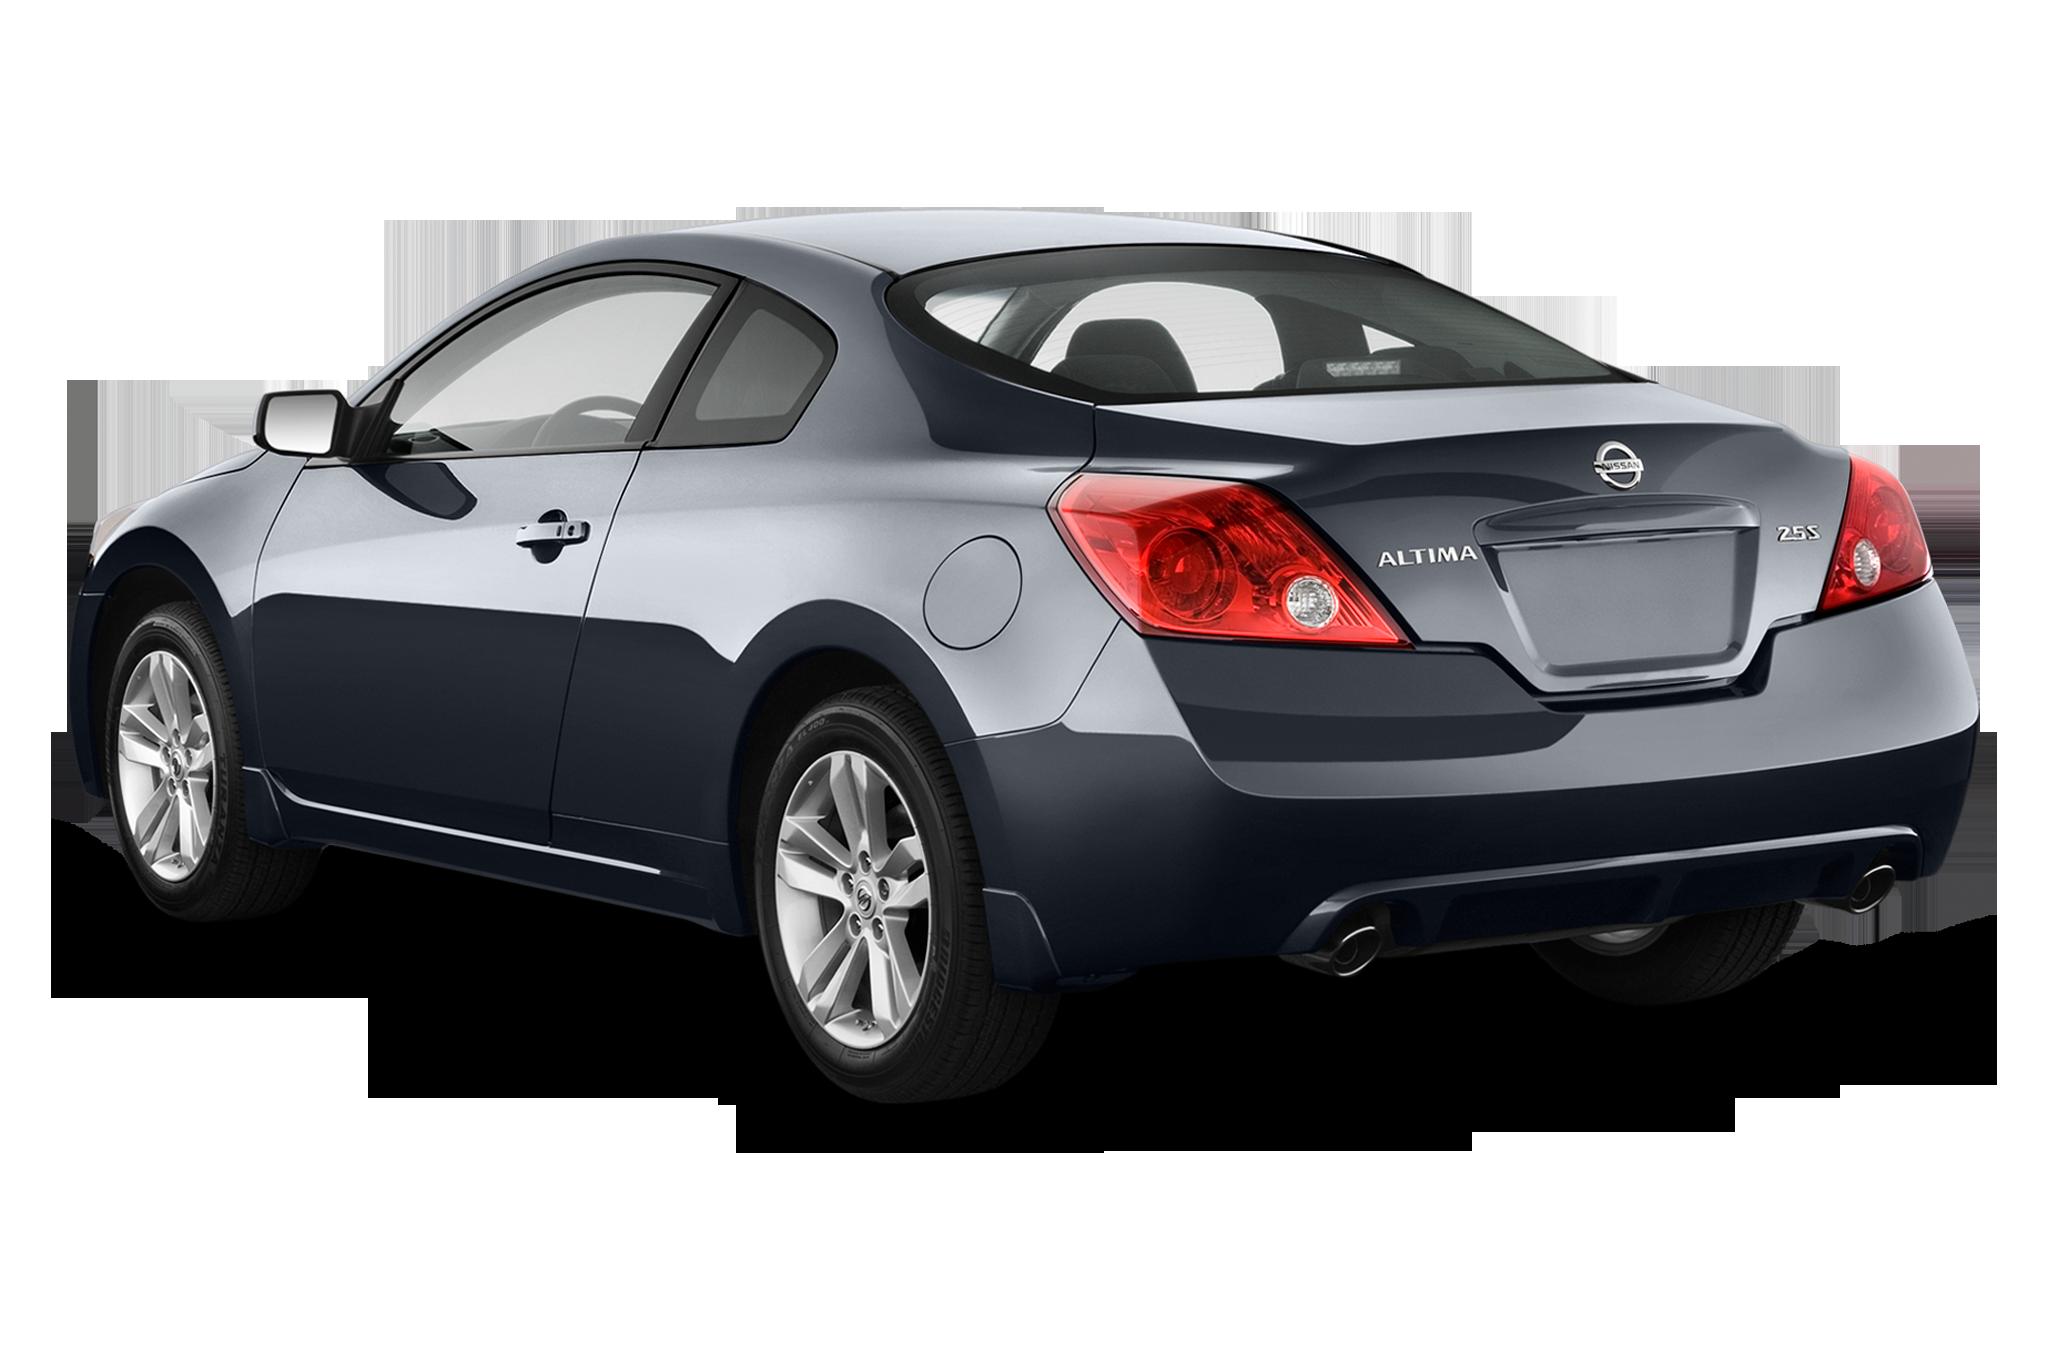 2010 Nissan Altima Coupe 3 5 Sr Driven Automobile Magazine